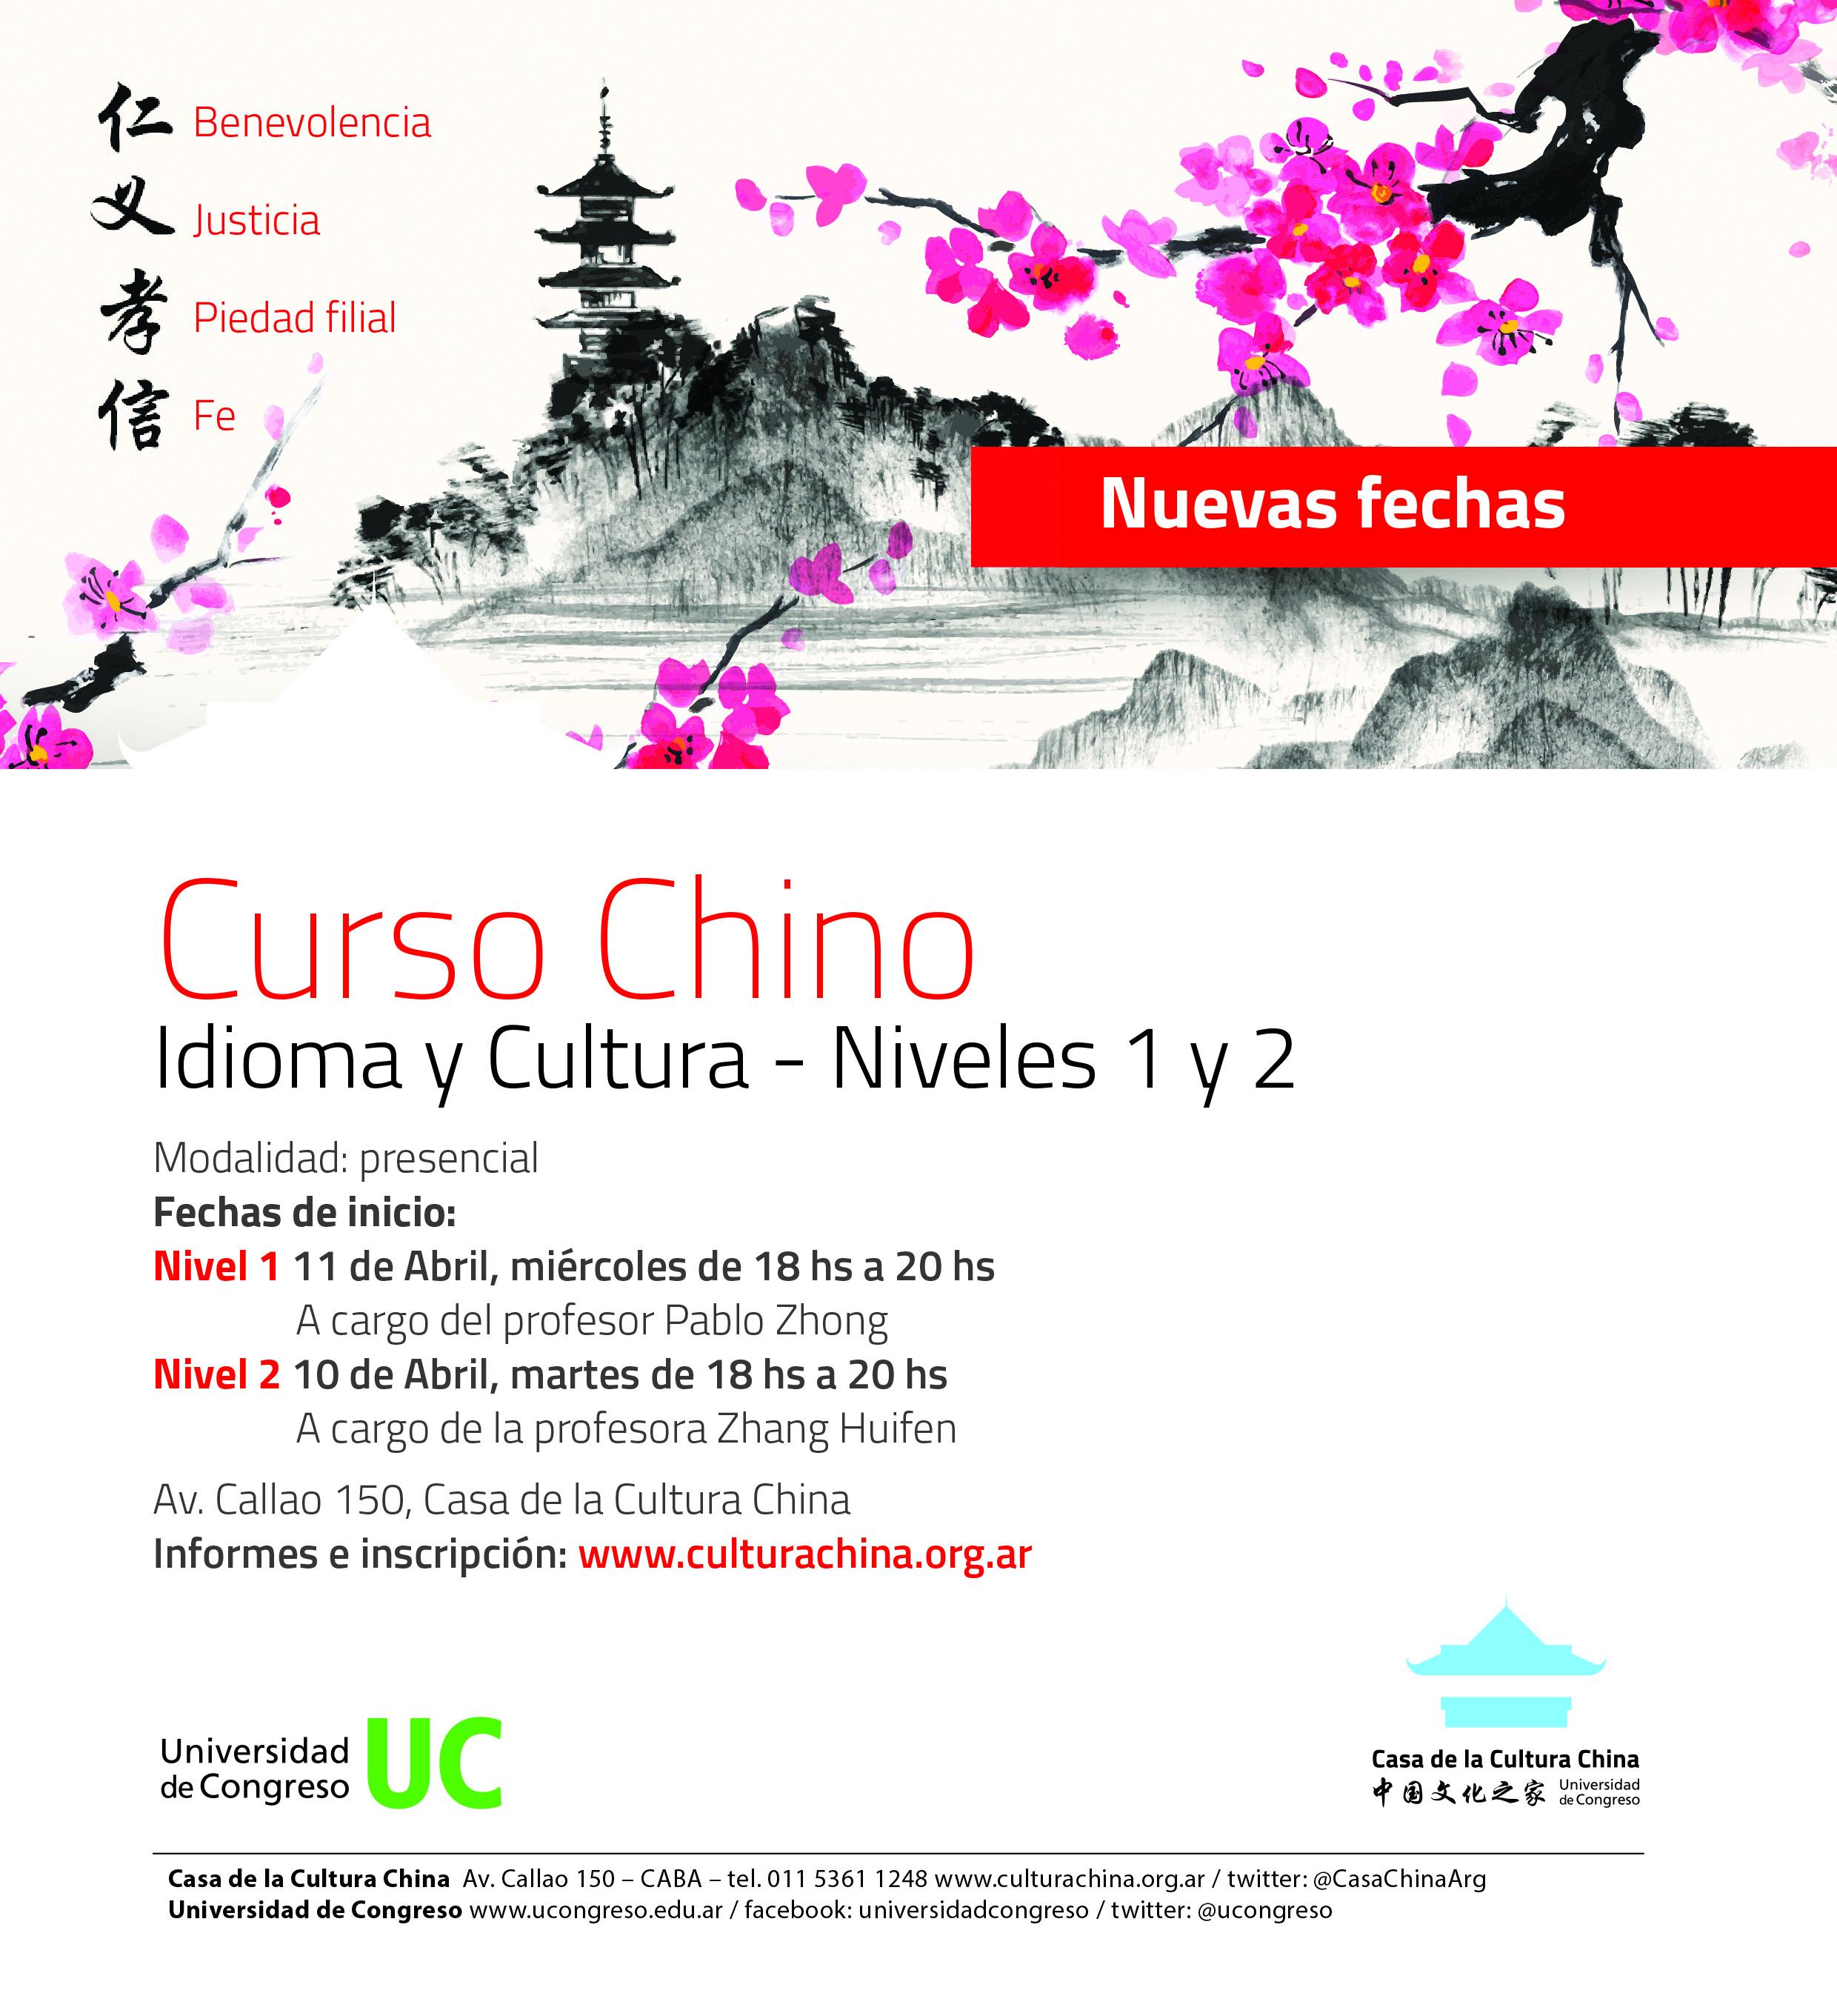 Curso_Chino_nivel 1 y 2 nueva fechas